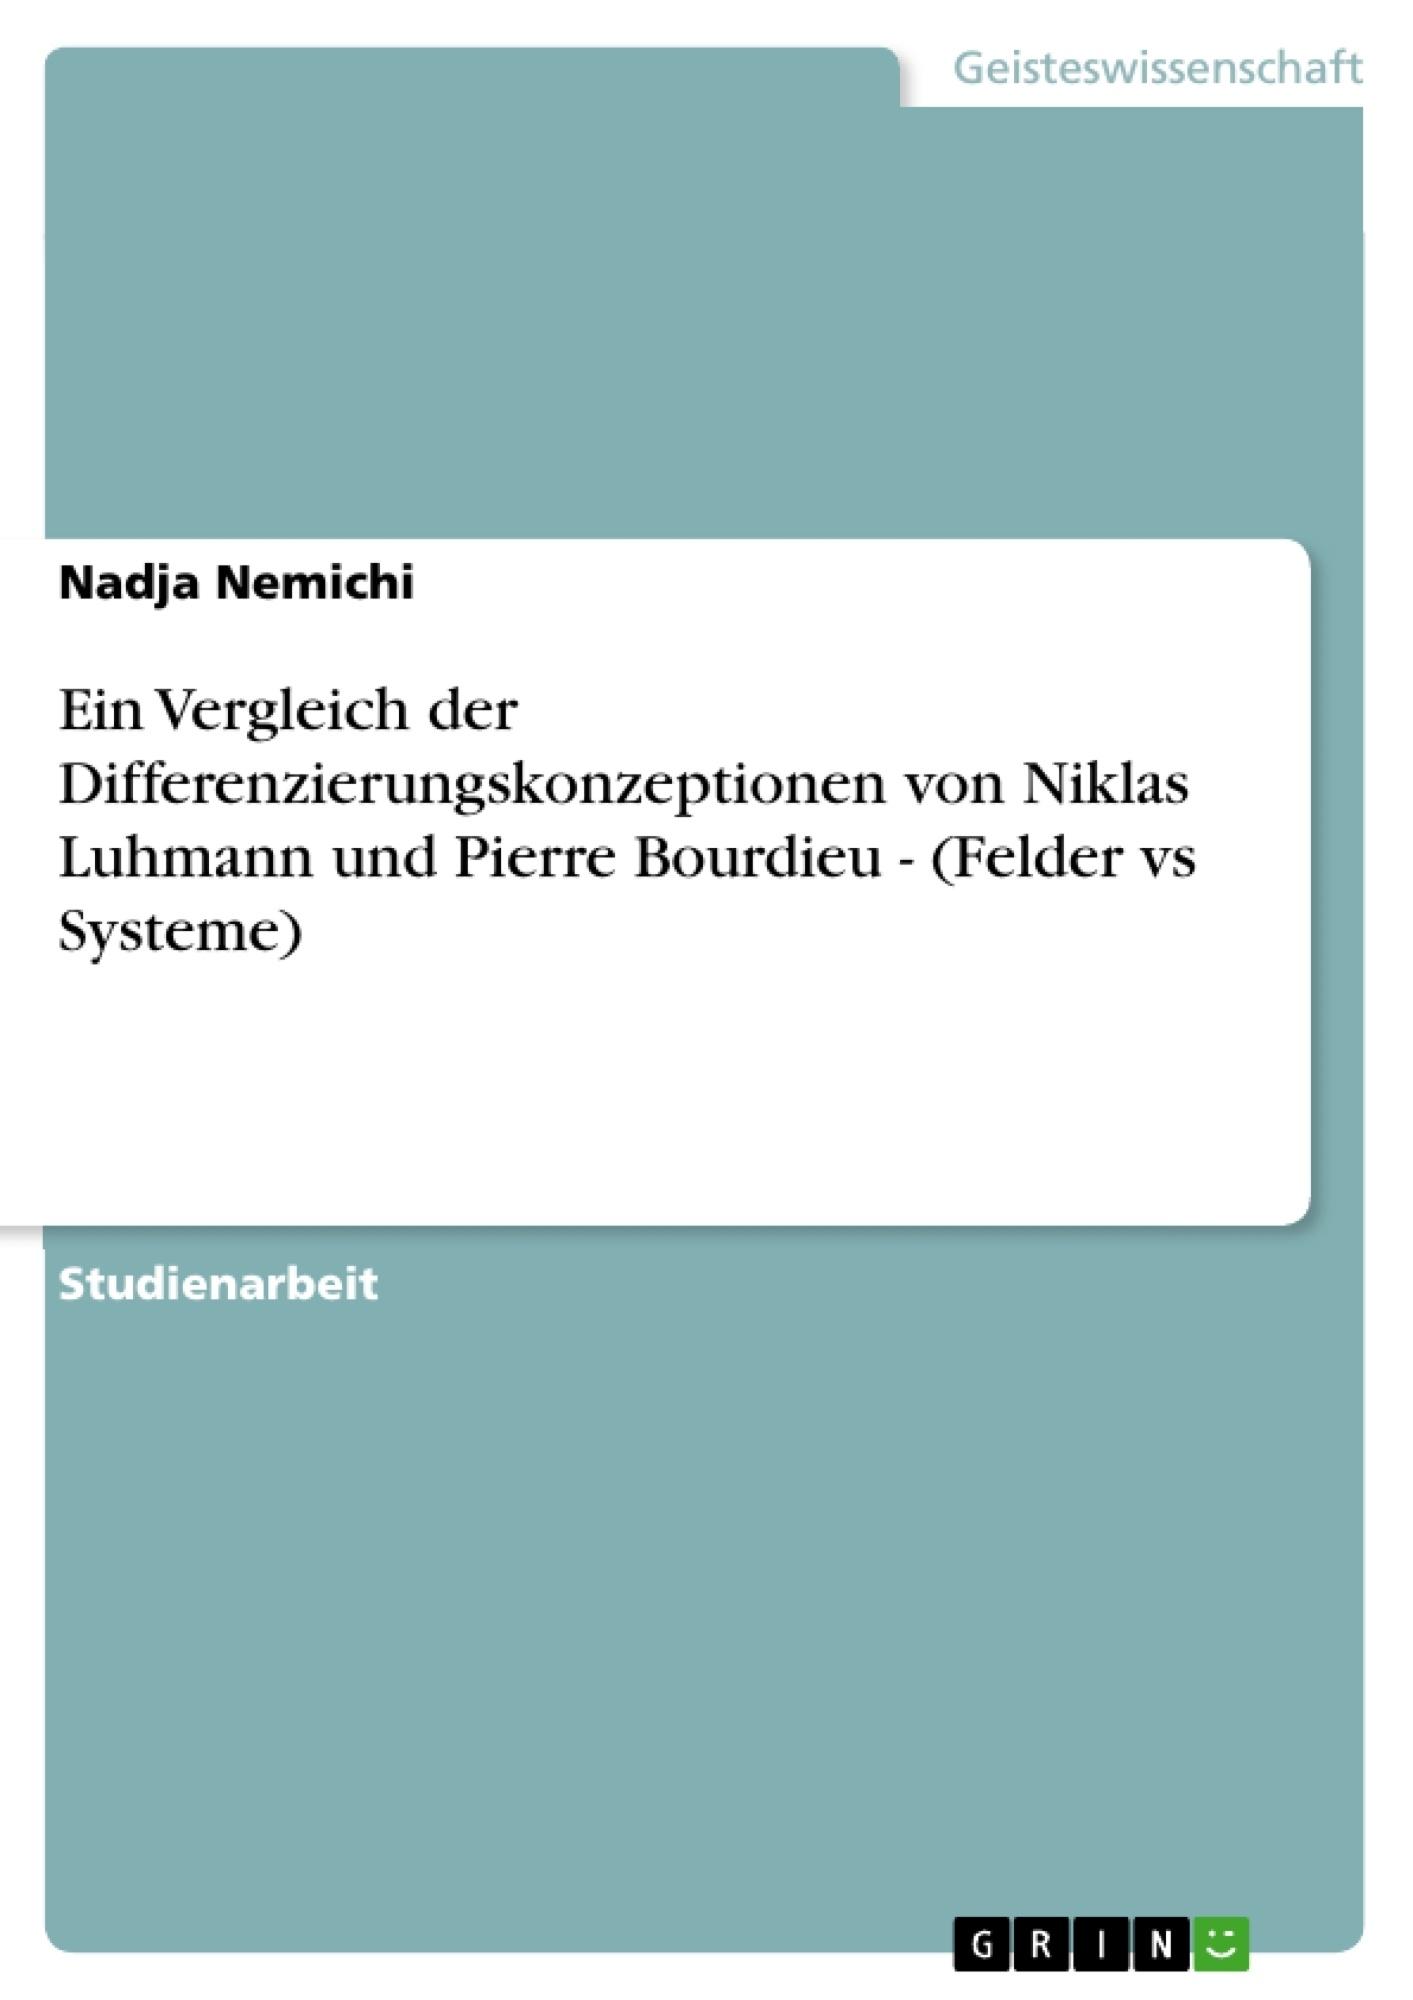 Titel: Ein Vergleich der Differenzierungskonzeptionen von Niklas Luhmann und Pierre Bourdieu - (Felder vs Systeme)